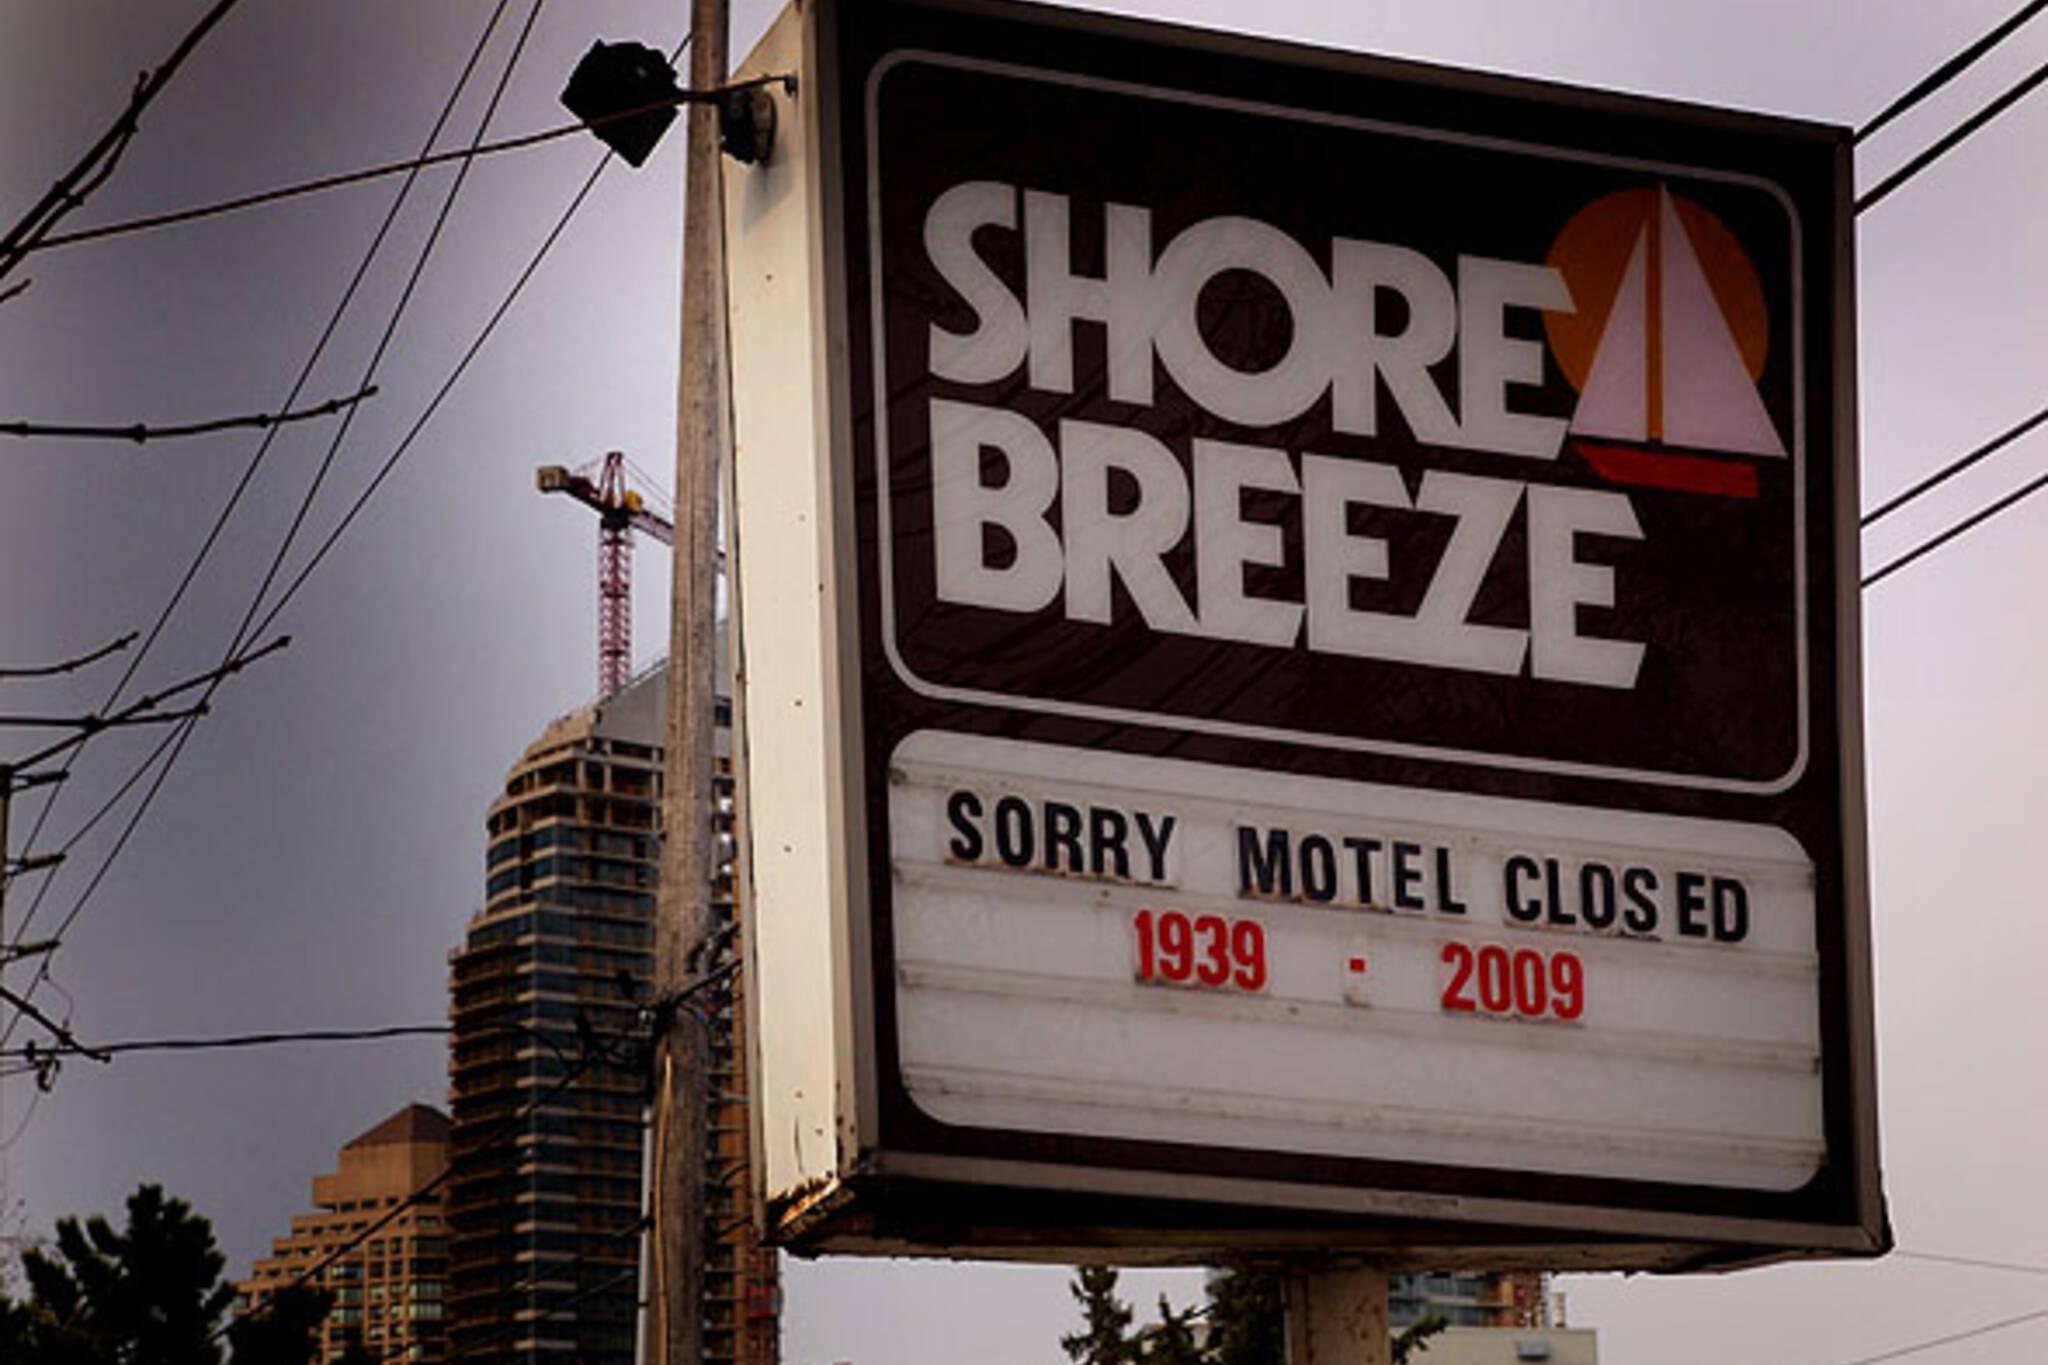 Shore Breeze sign